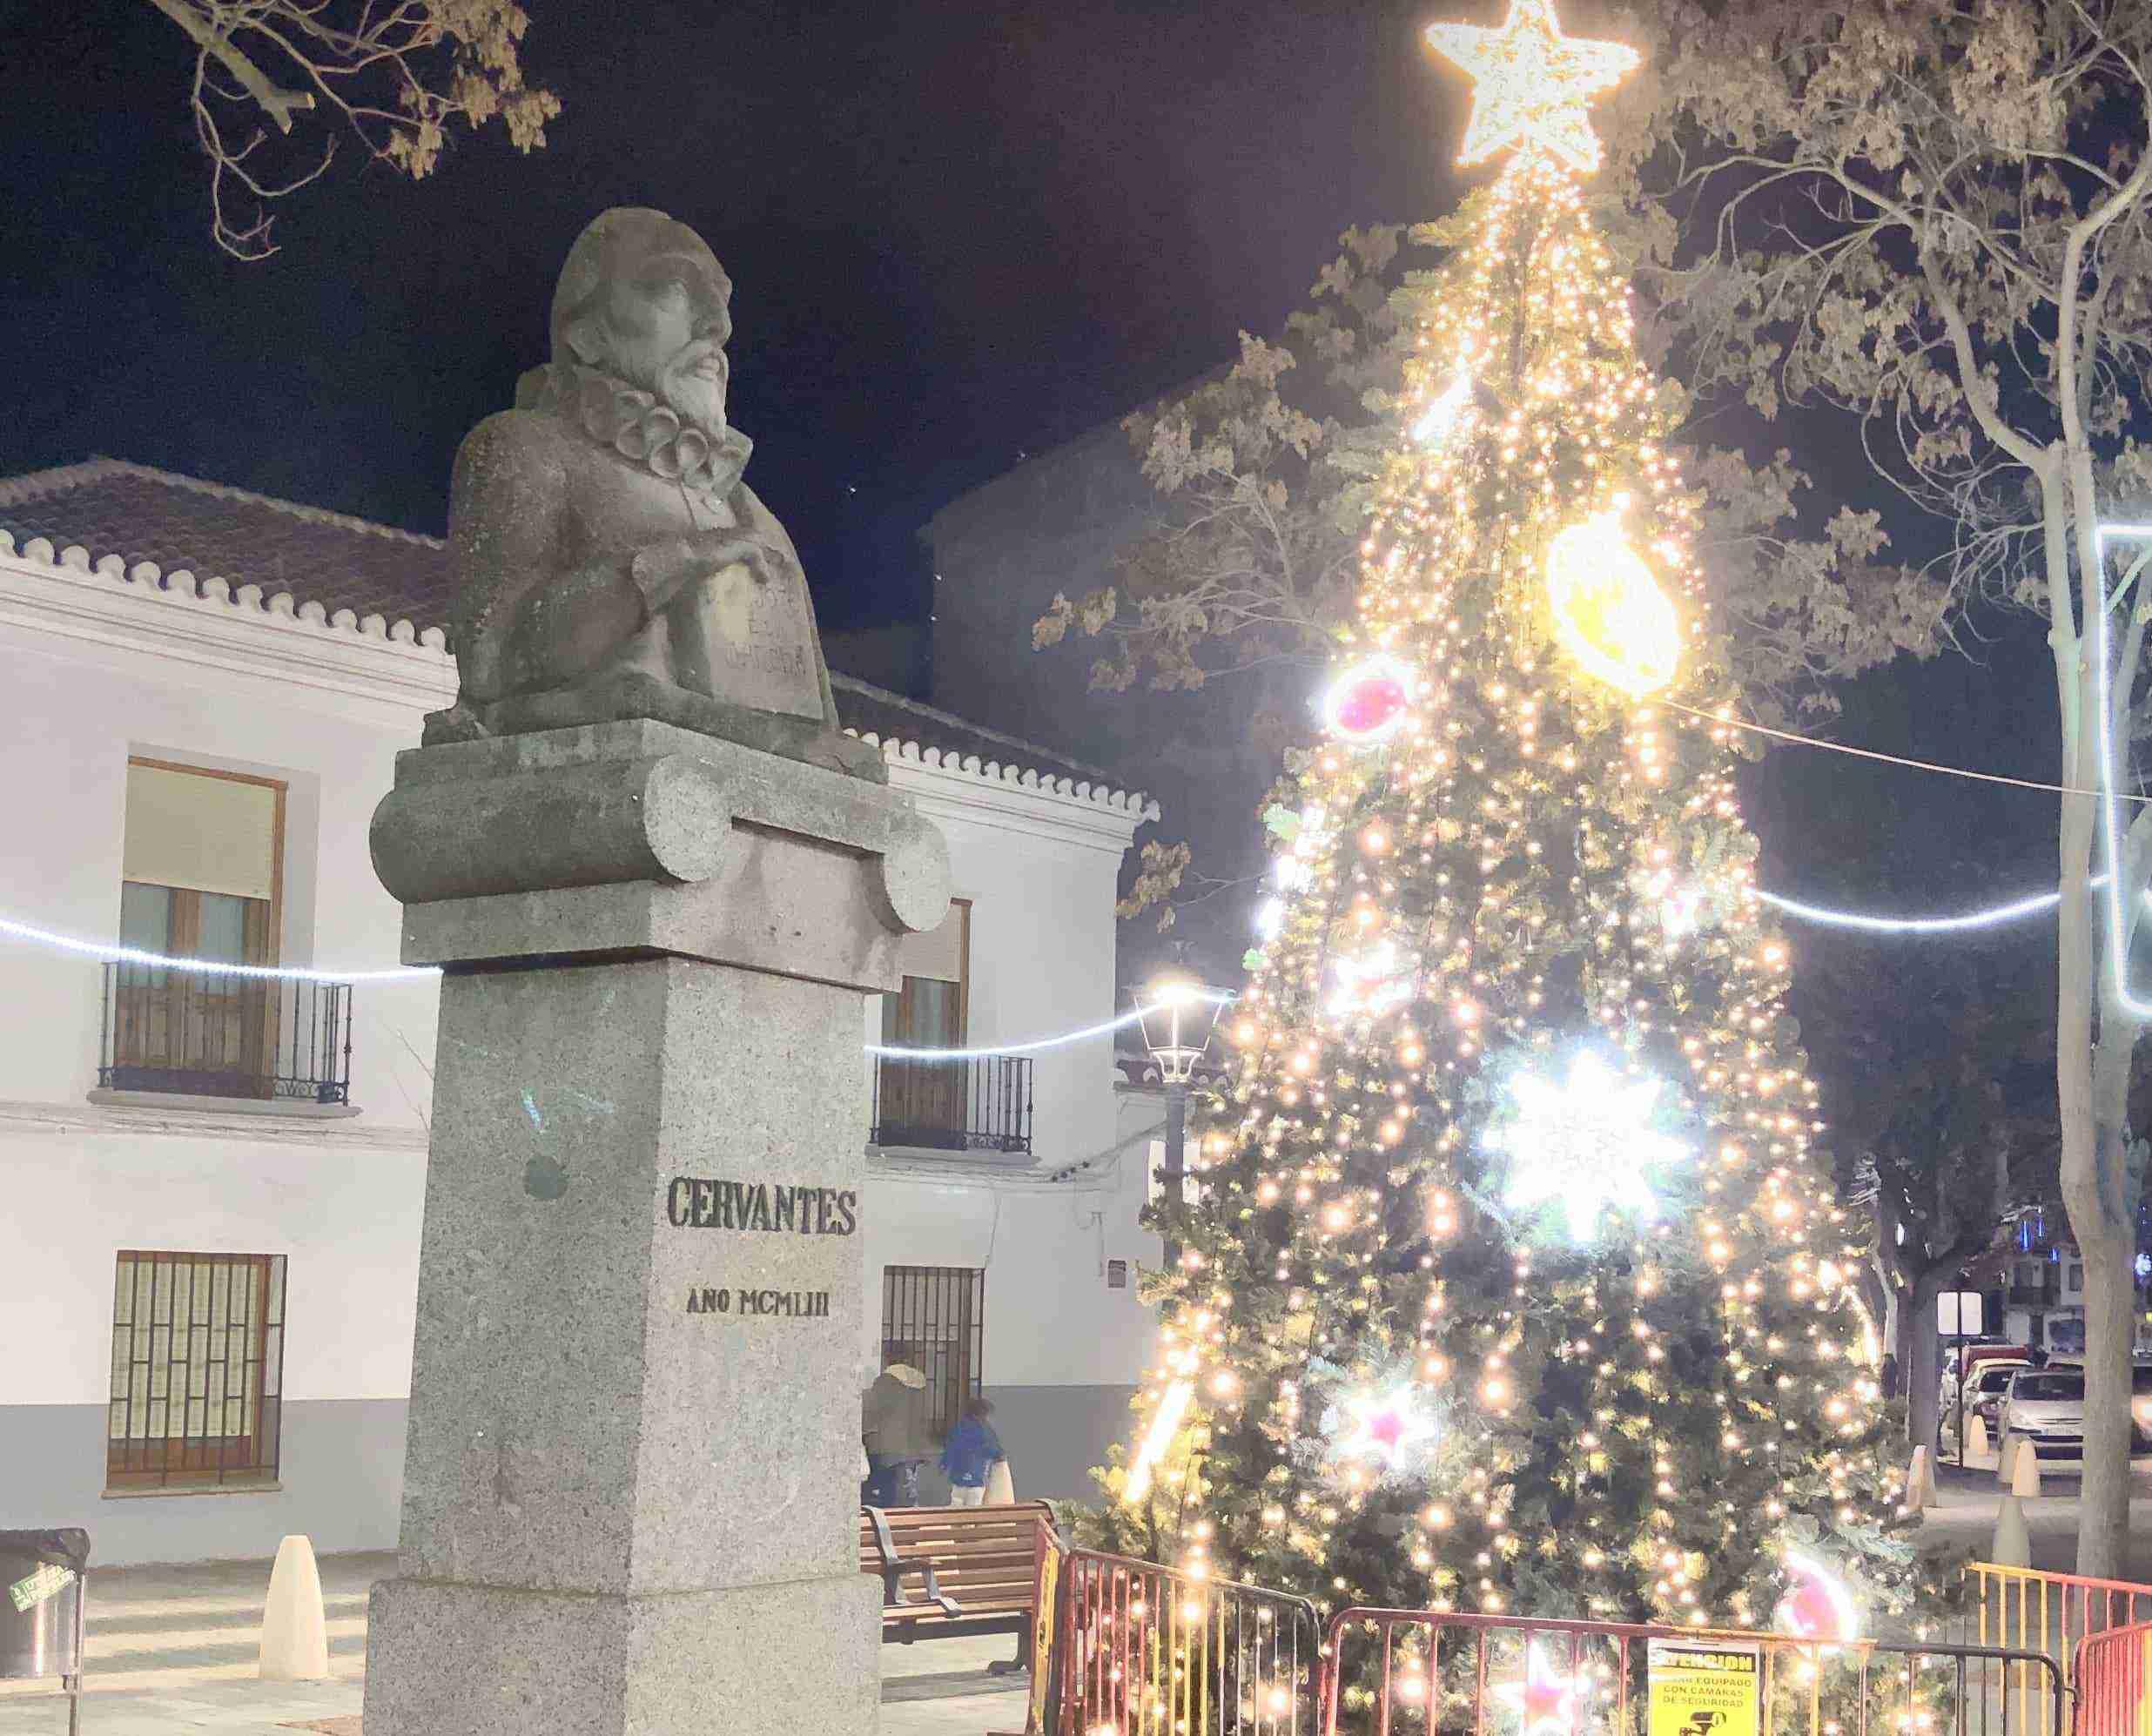 Restaurada la escultura de Cervantes como parte del patrimonio artístico herenciano 10